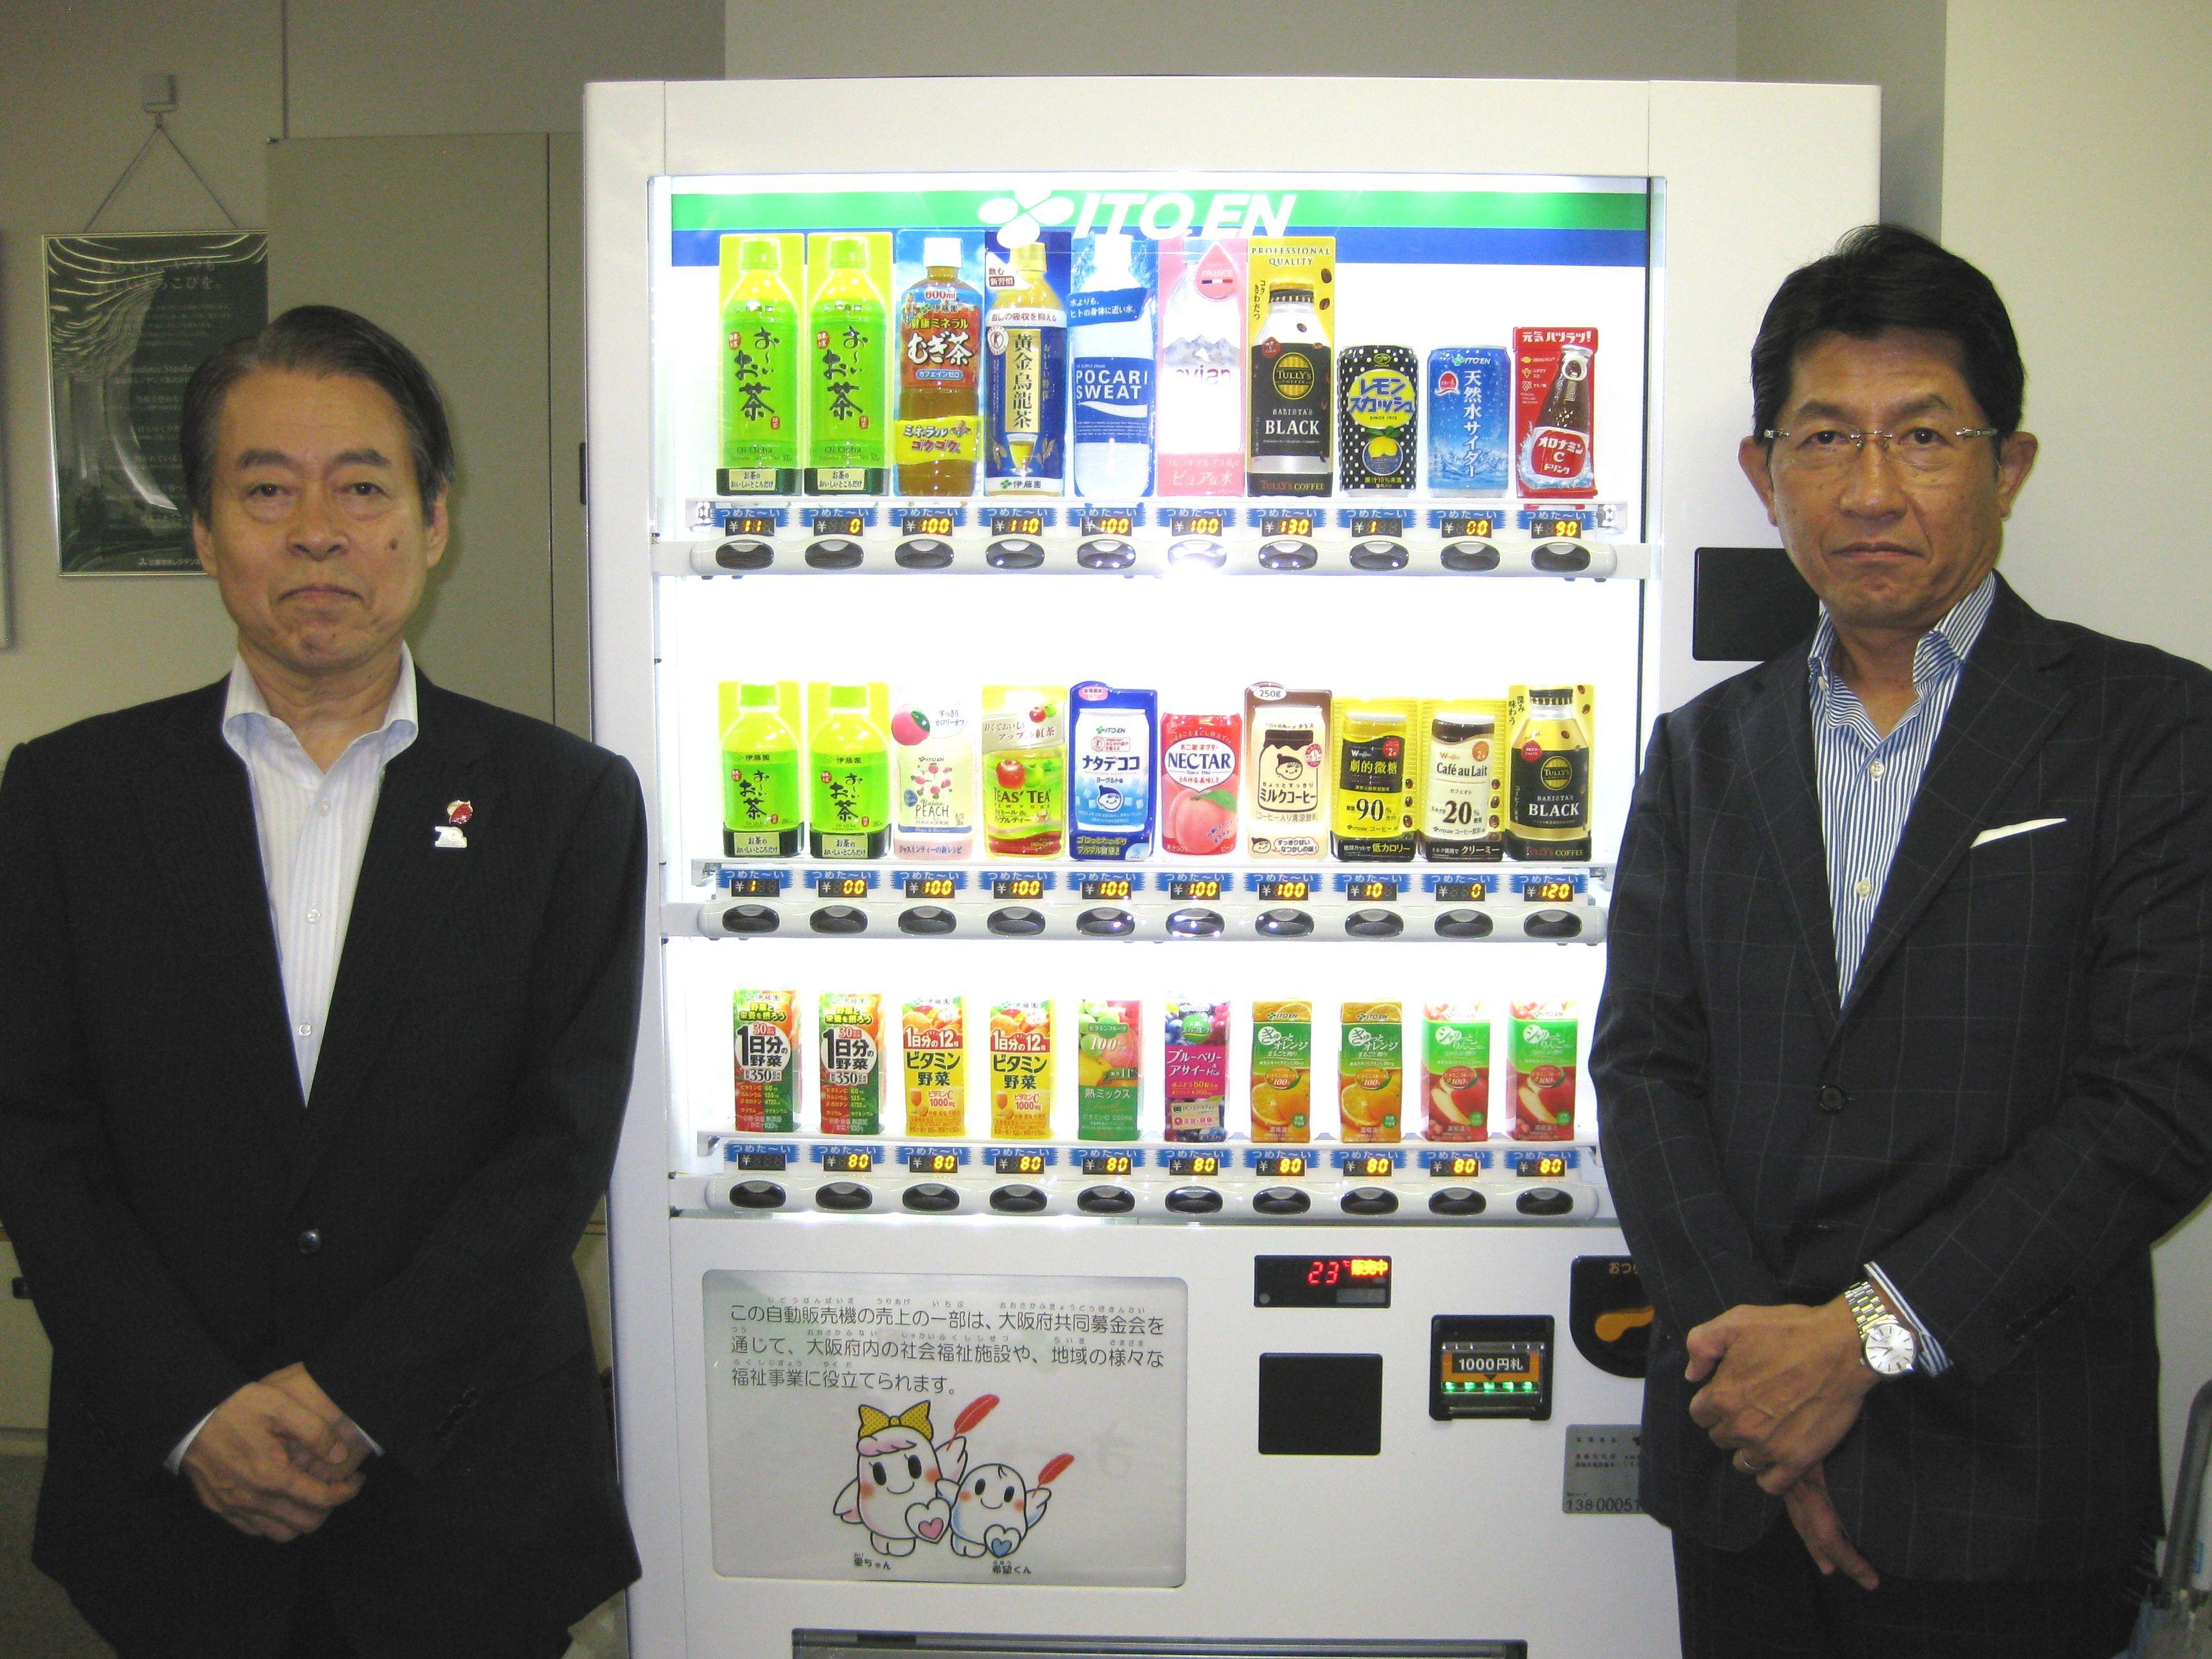 三菱地所レジデンス株式会社関西支店様に、自販機を設置していただきました♪